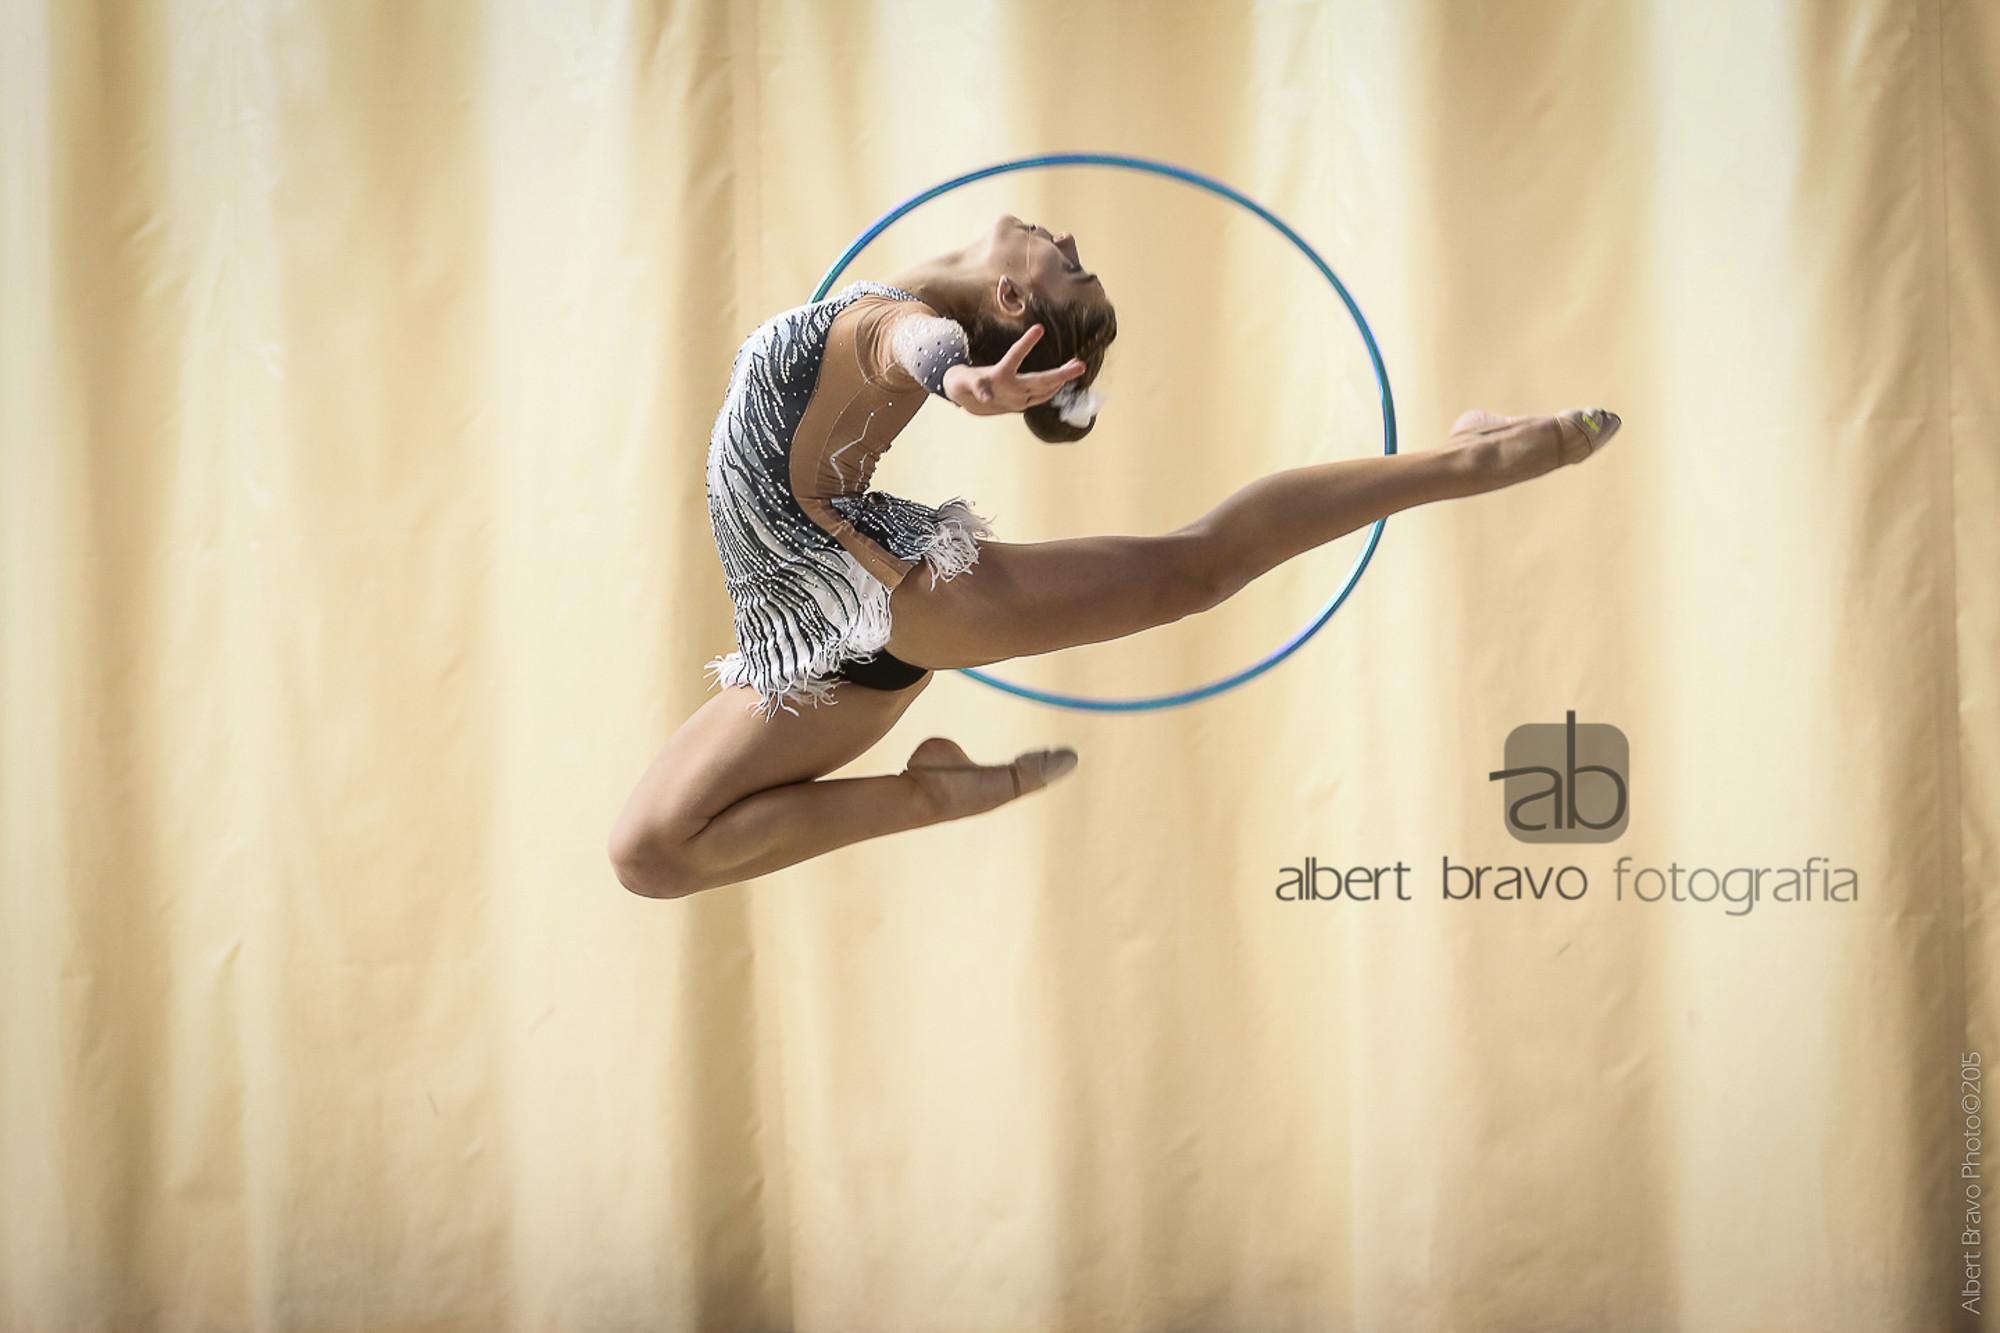 Albert Bravo Fotografia©2015-FGIB.6635